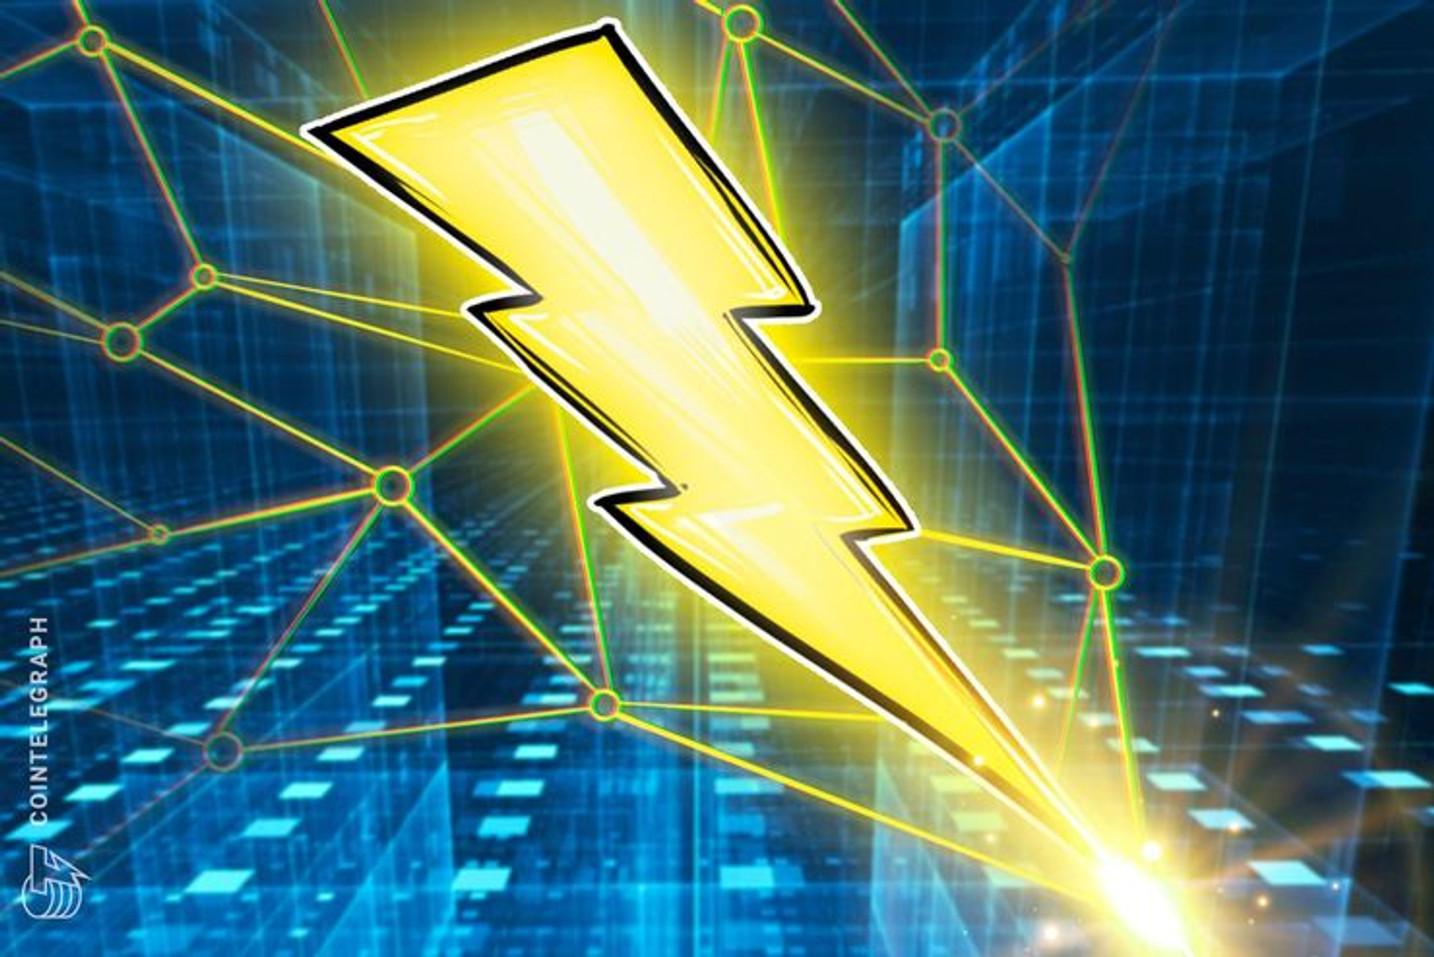 Impulsan en España una plataforma blockchain para el sector de iluminación, llamada Icuorum